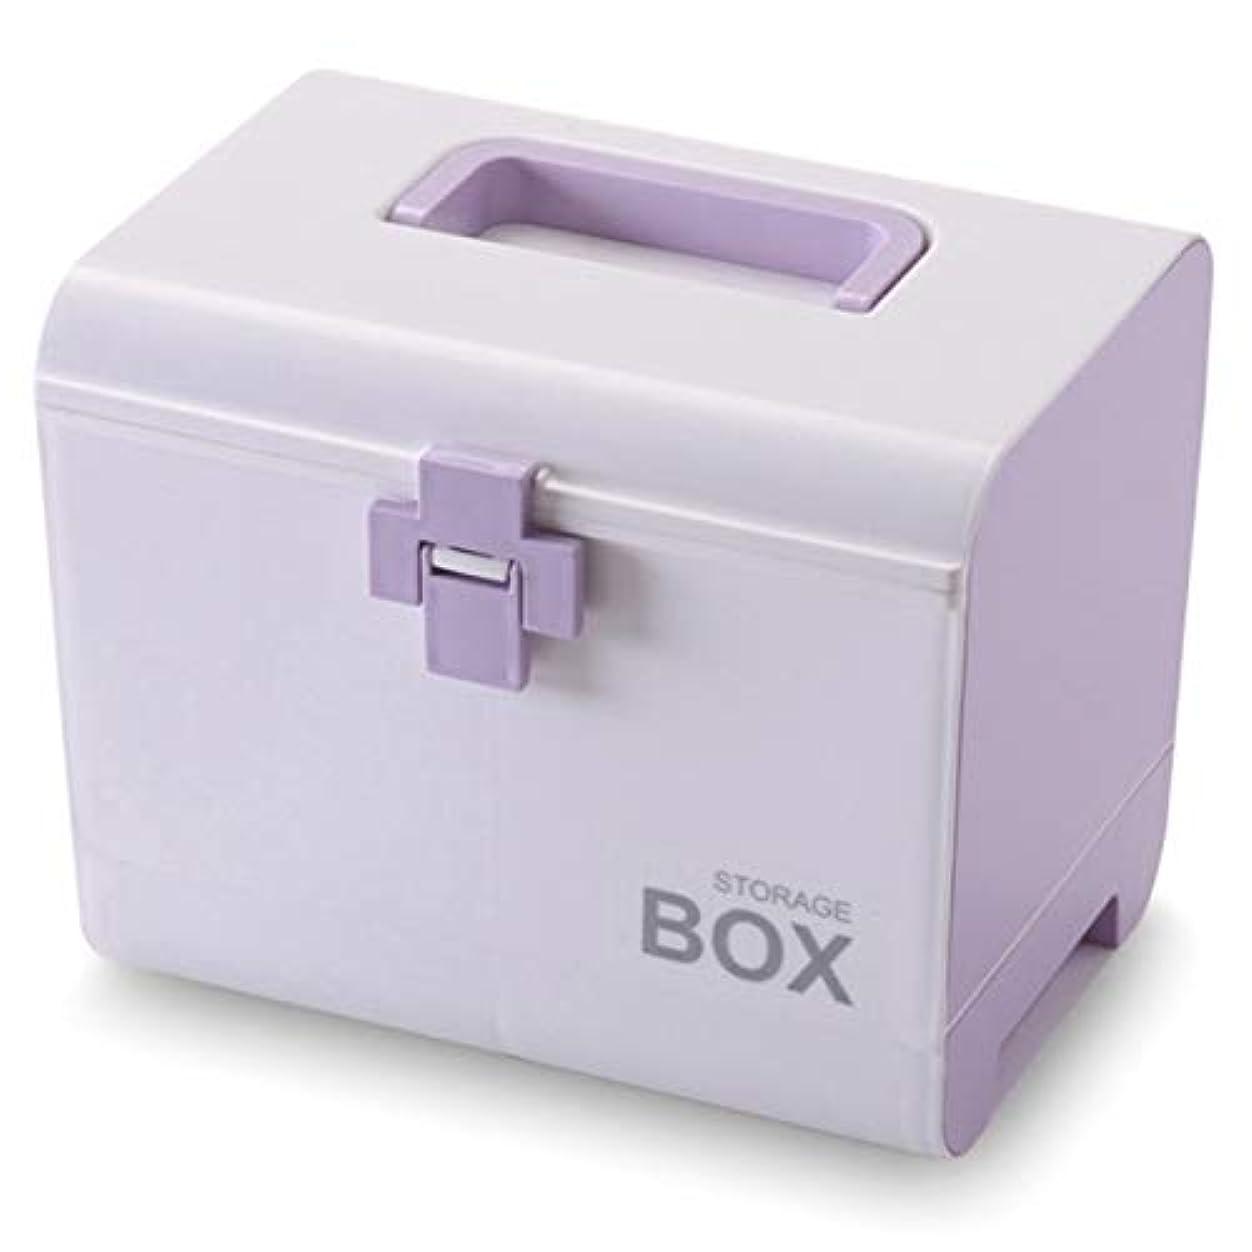 トーナメント苦い洪水ACAMPTAR 薬箱応急処置ボックス 収納ボックス プラスチック容器応急処置ボックス ポータブル多層大容量収納収納ボックス パープル